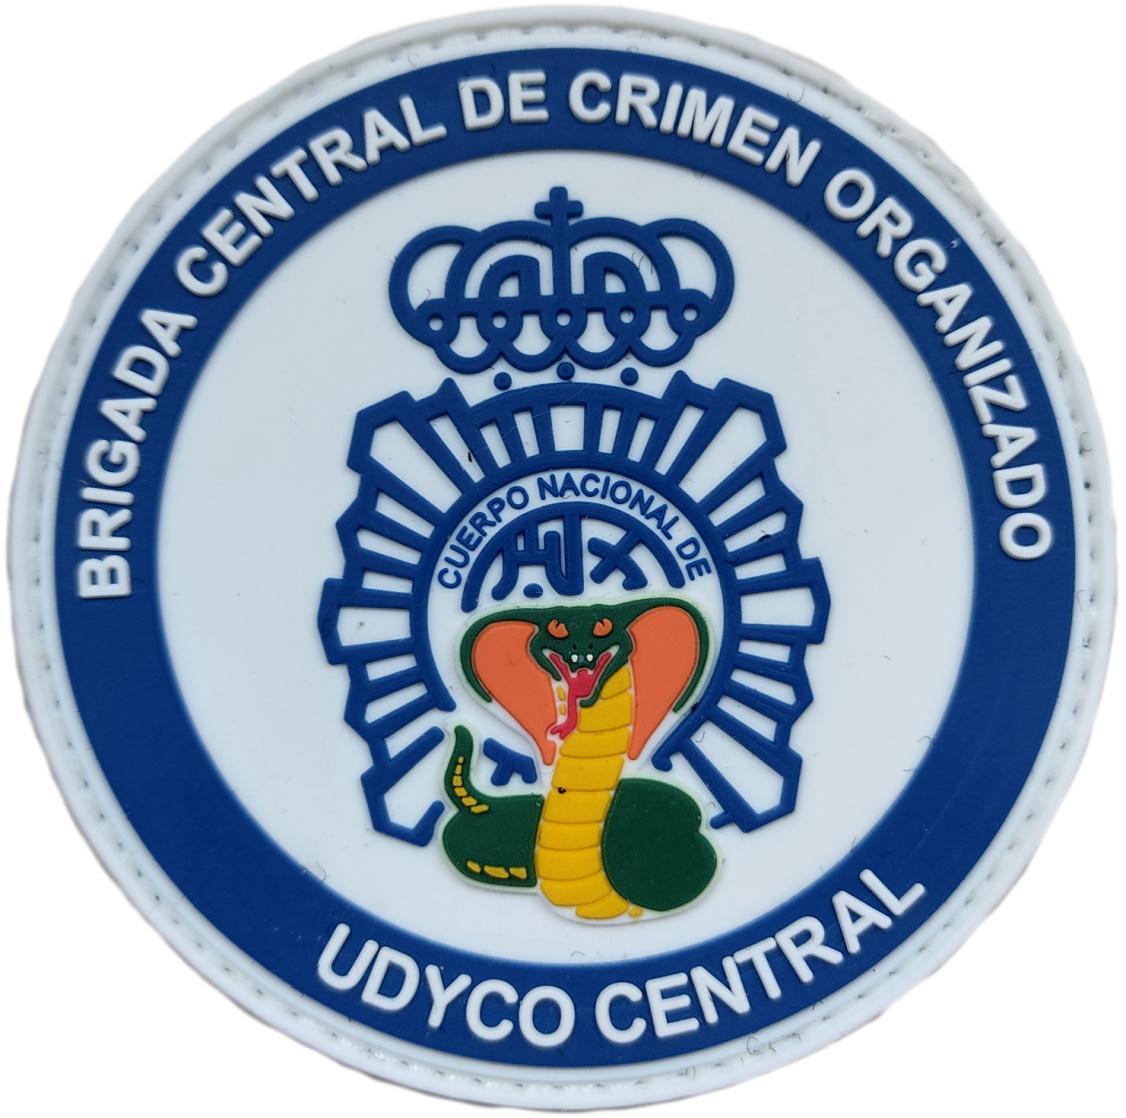 Policía Nacional CNP UDYCO Central Brigada central de crimen organizado parche insignia emblema distintivo